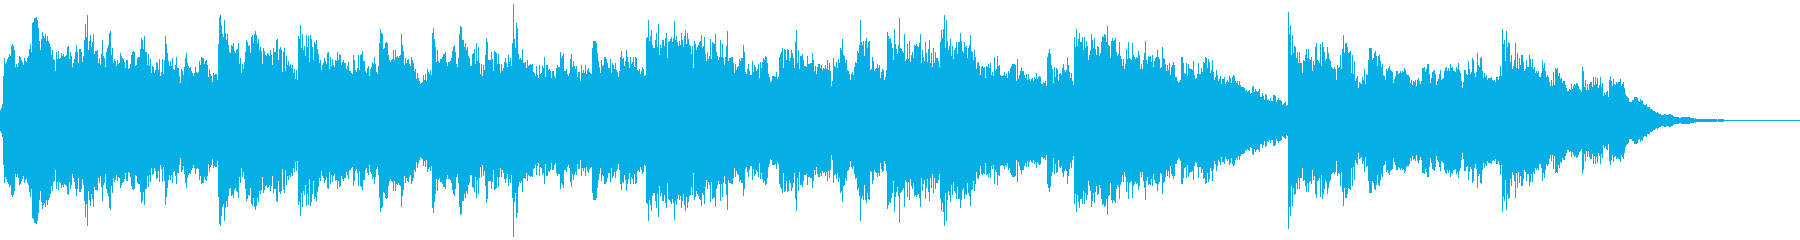 ゆったり エレガント 瞑想 E.ピアノの再生済みの波形